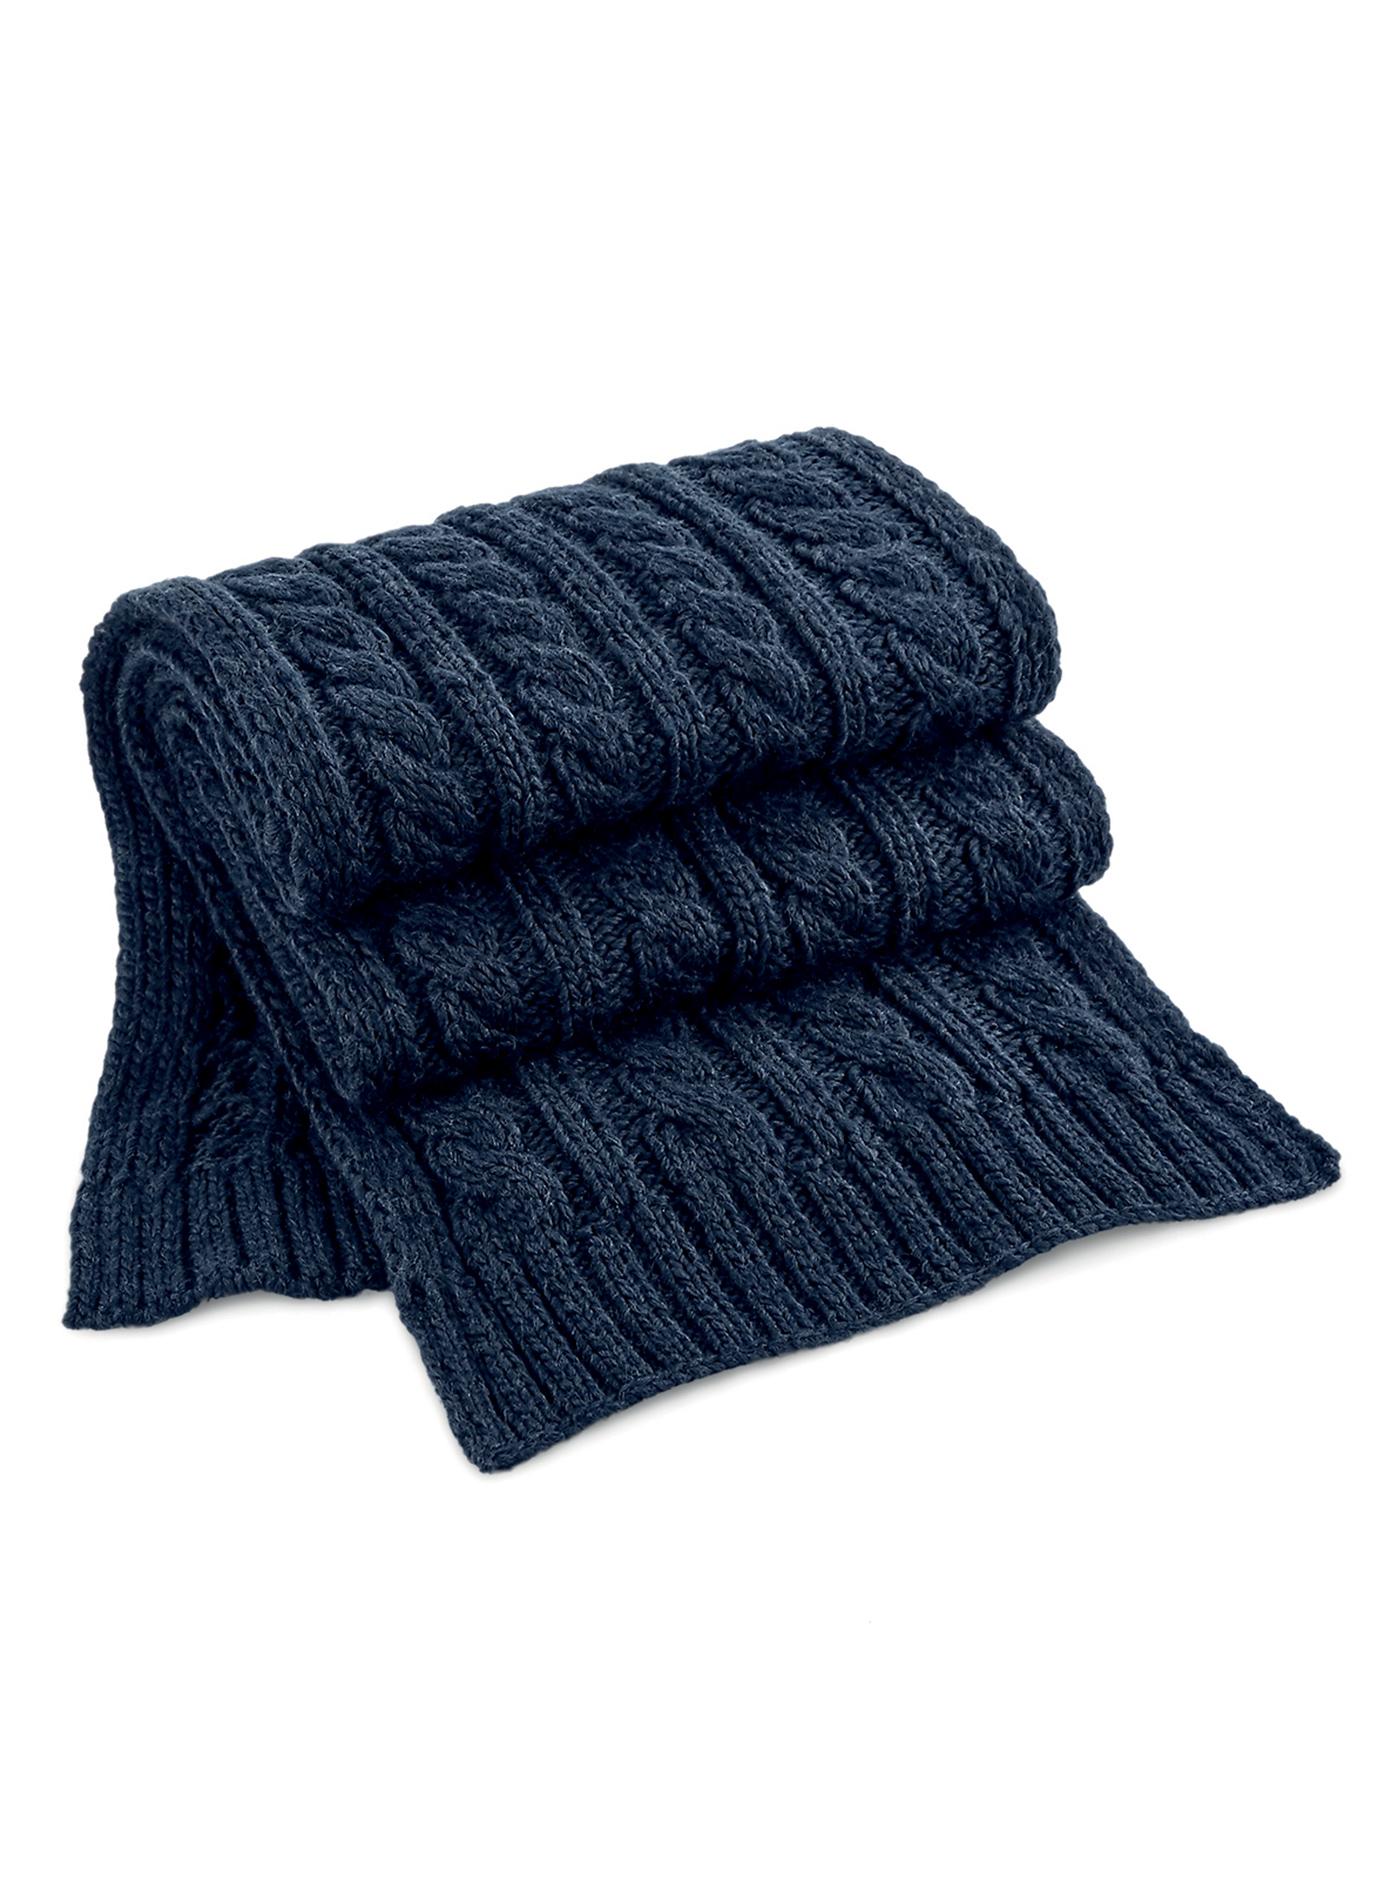 Pletená šála Melange - Modromodrá univerzal